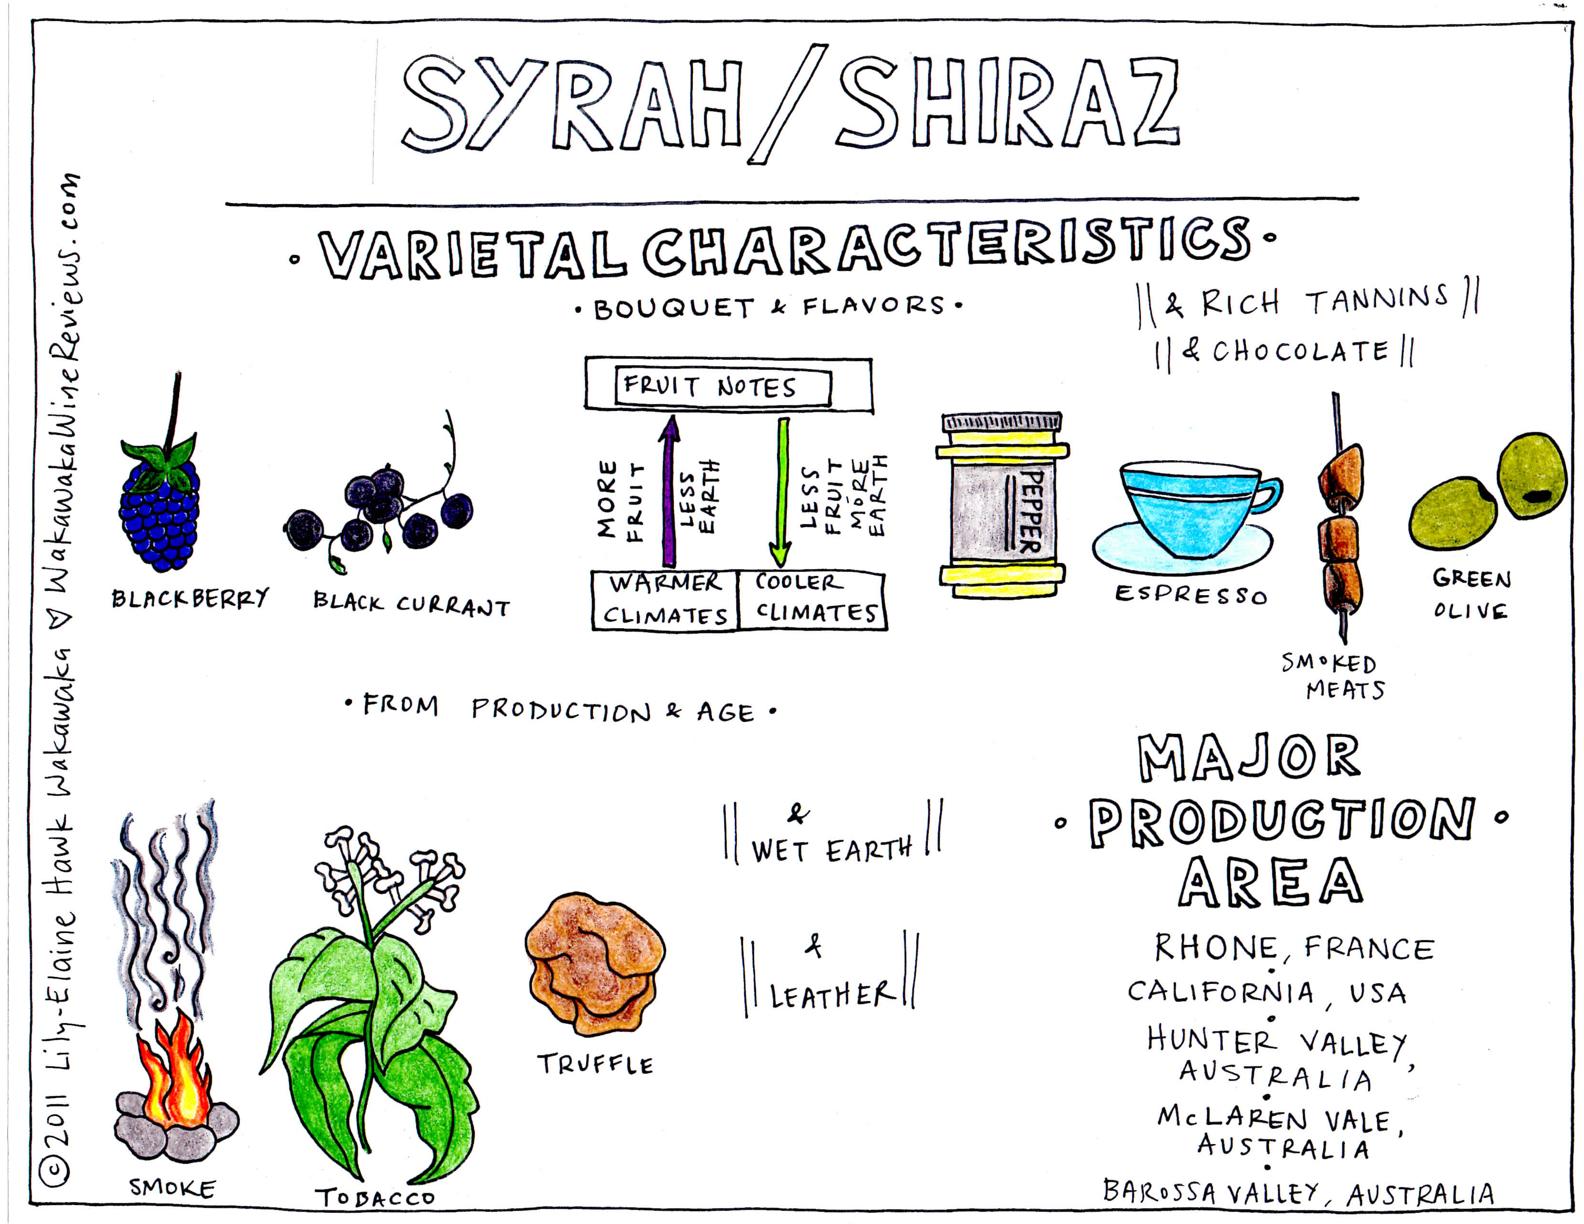 syrahshiraz.jpg